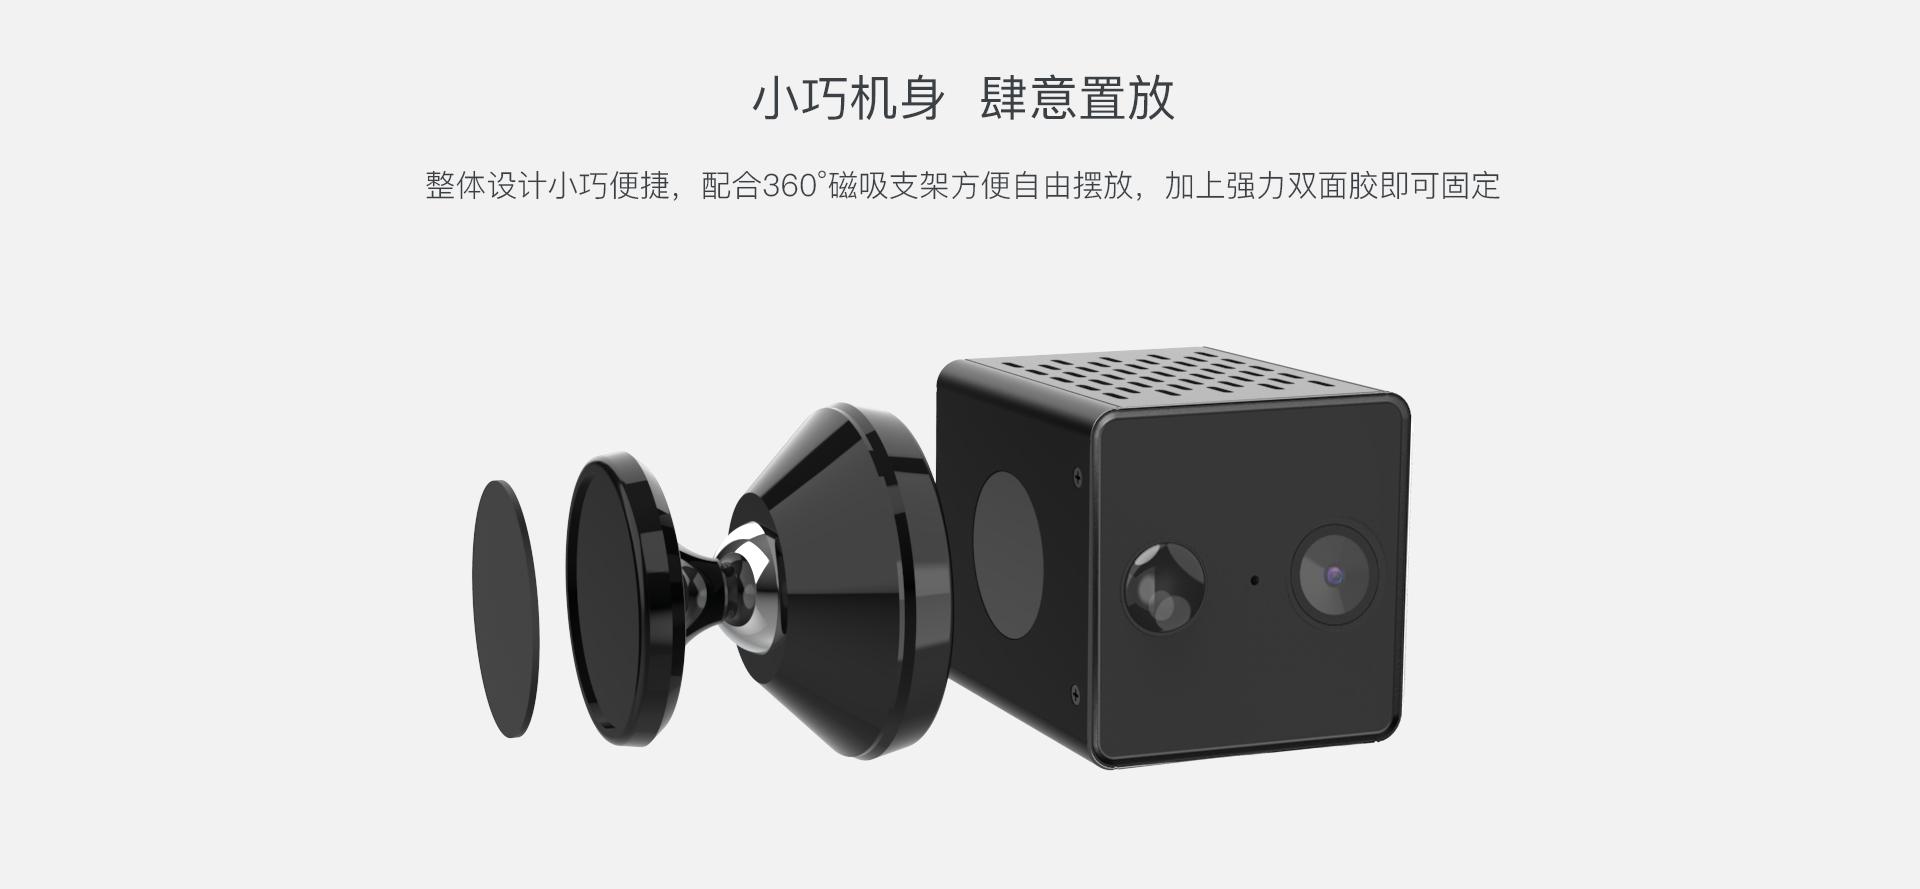 低功耗电池网络摄像机